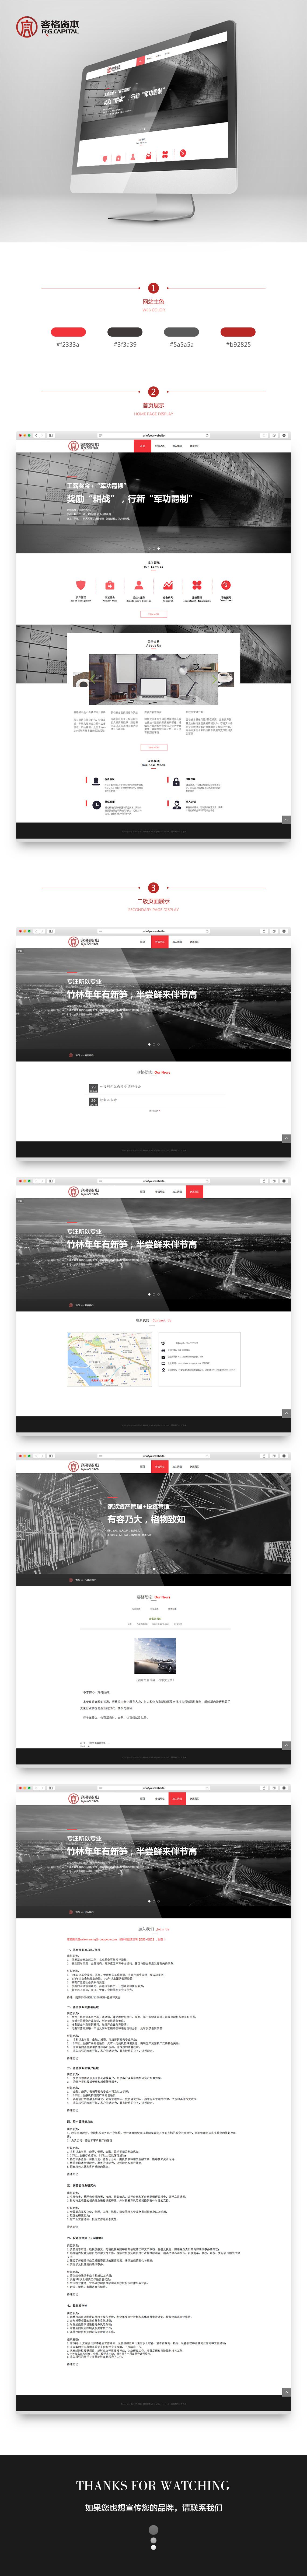 公司案例展示2018-17上海容格资本